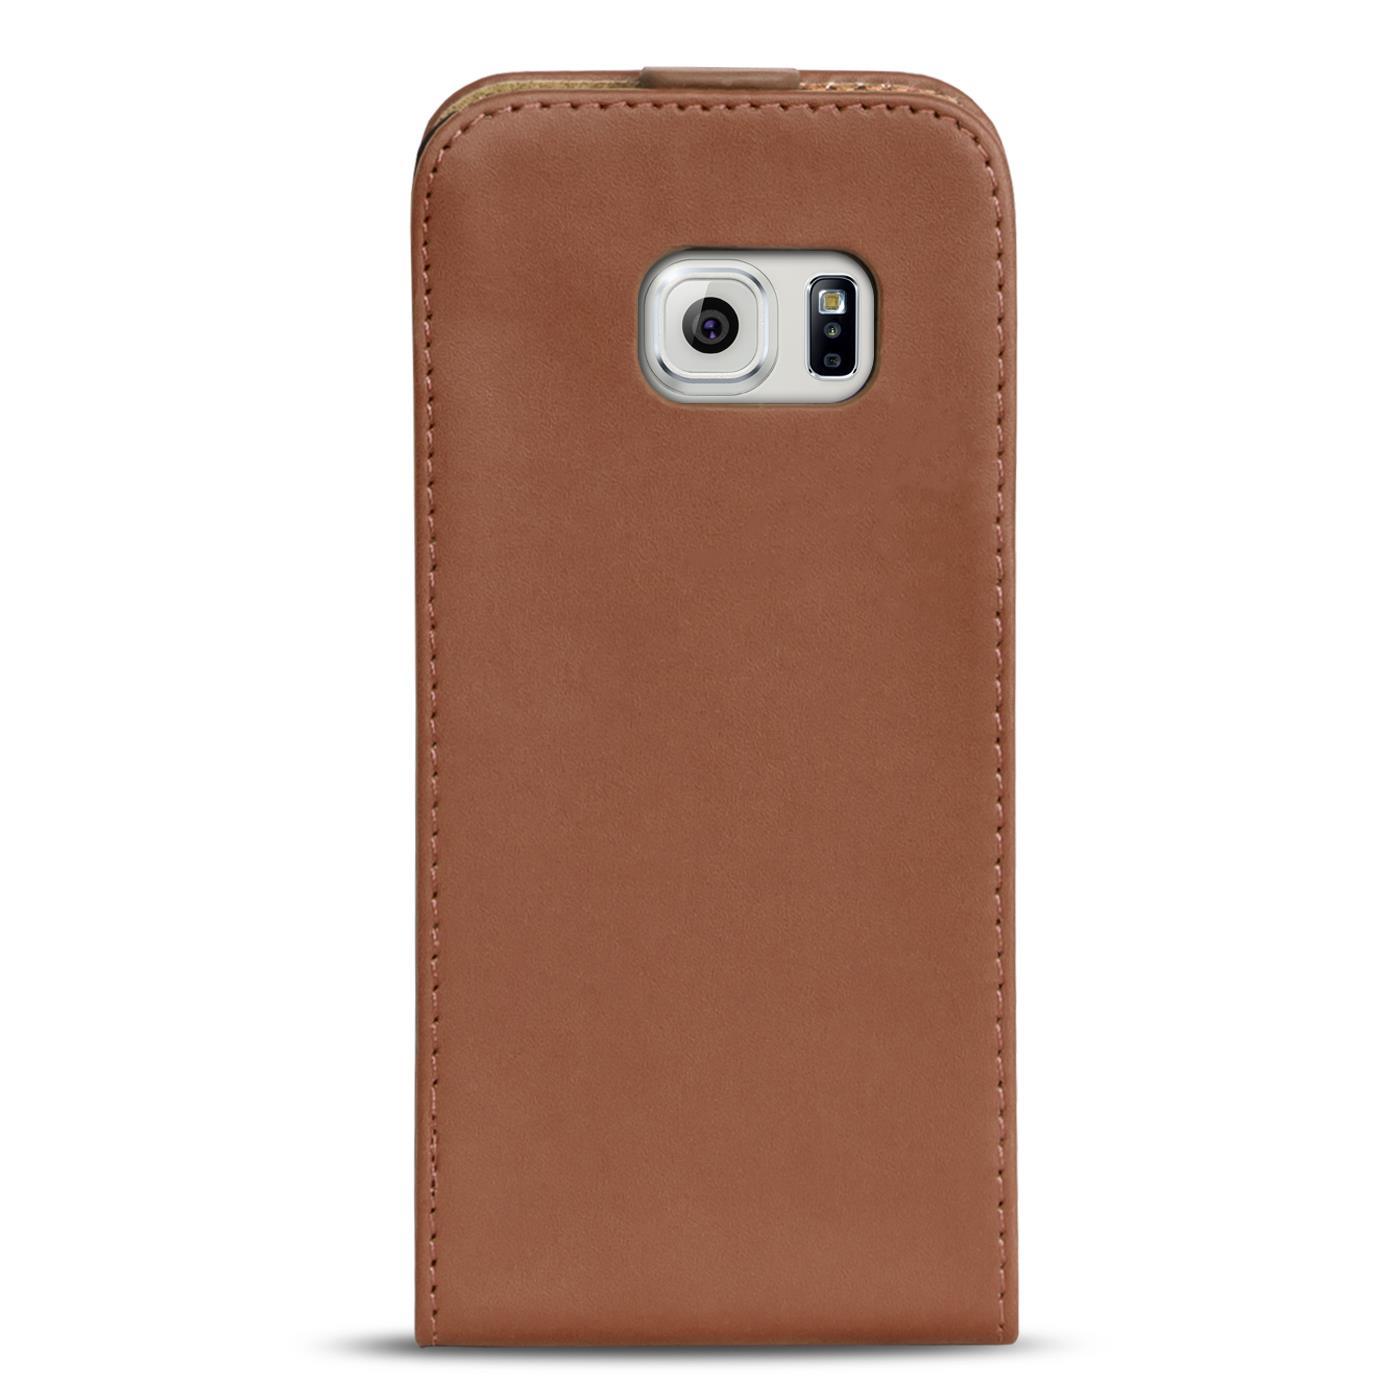 Klapphuelle-Samsung-Galaxy-Flip-Case-Tasche-Schutzhuelle-Cover-Schutz-Handy-Huelle Indexbild 37